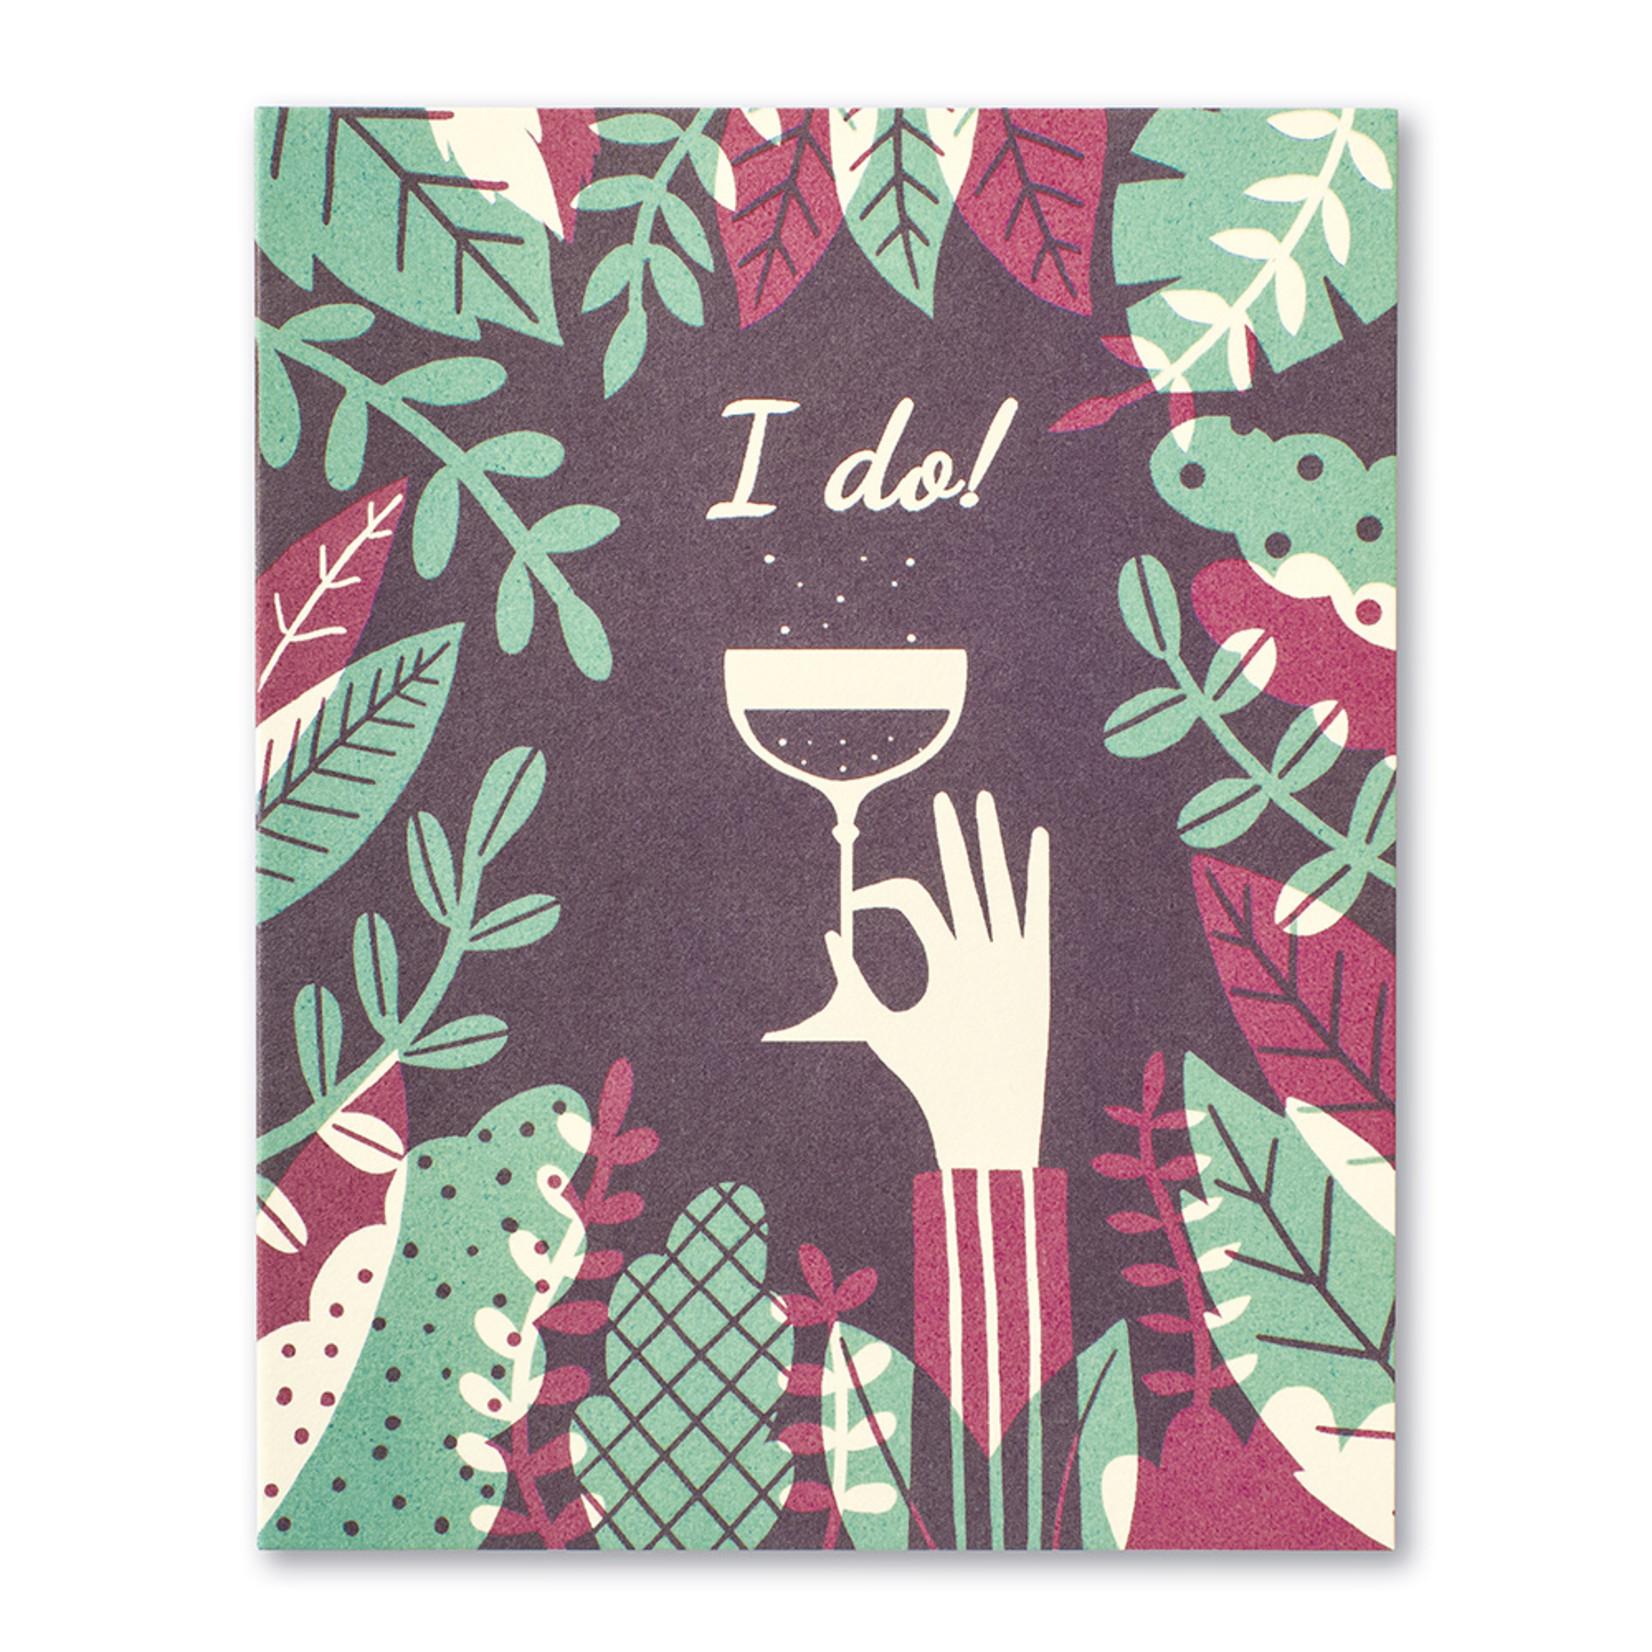 Love Muchly I do!